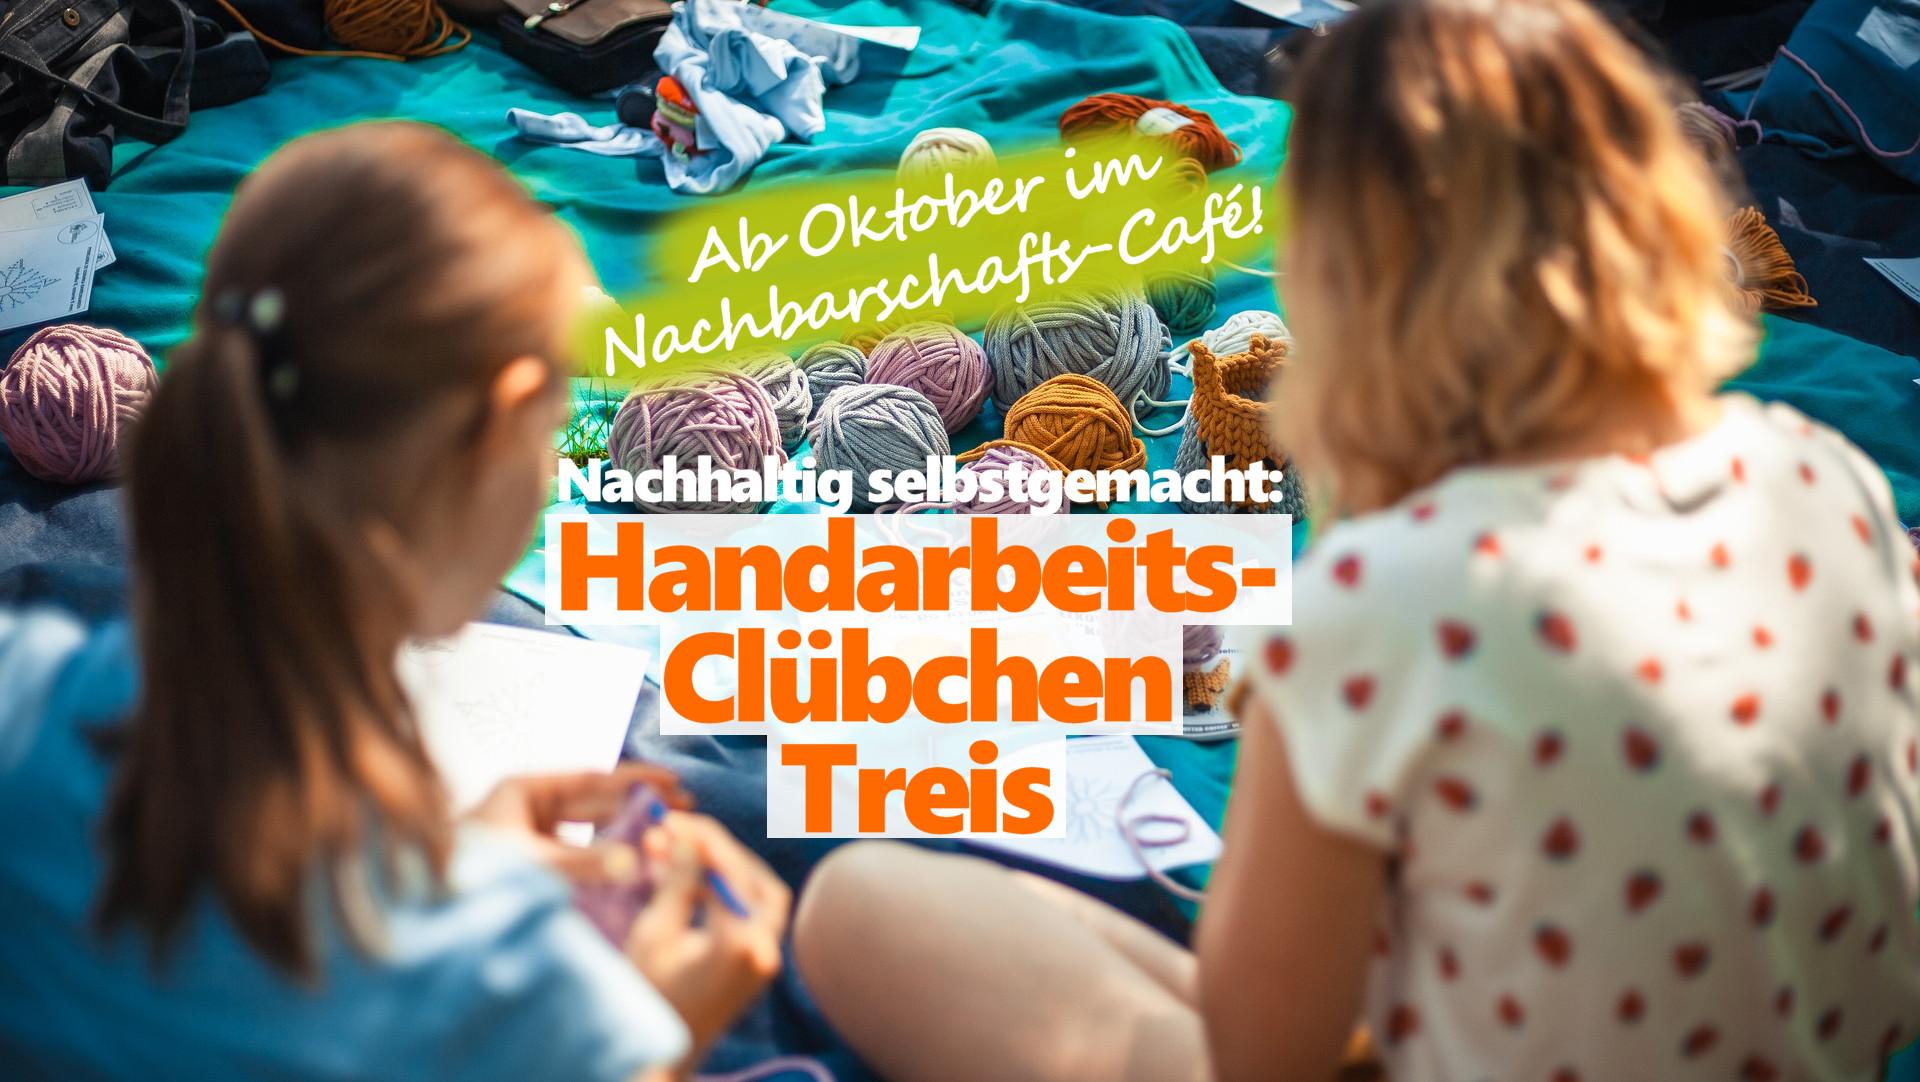 Handarbeits-Clübchen Treis